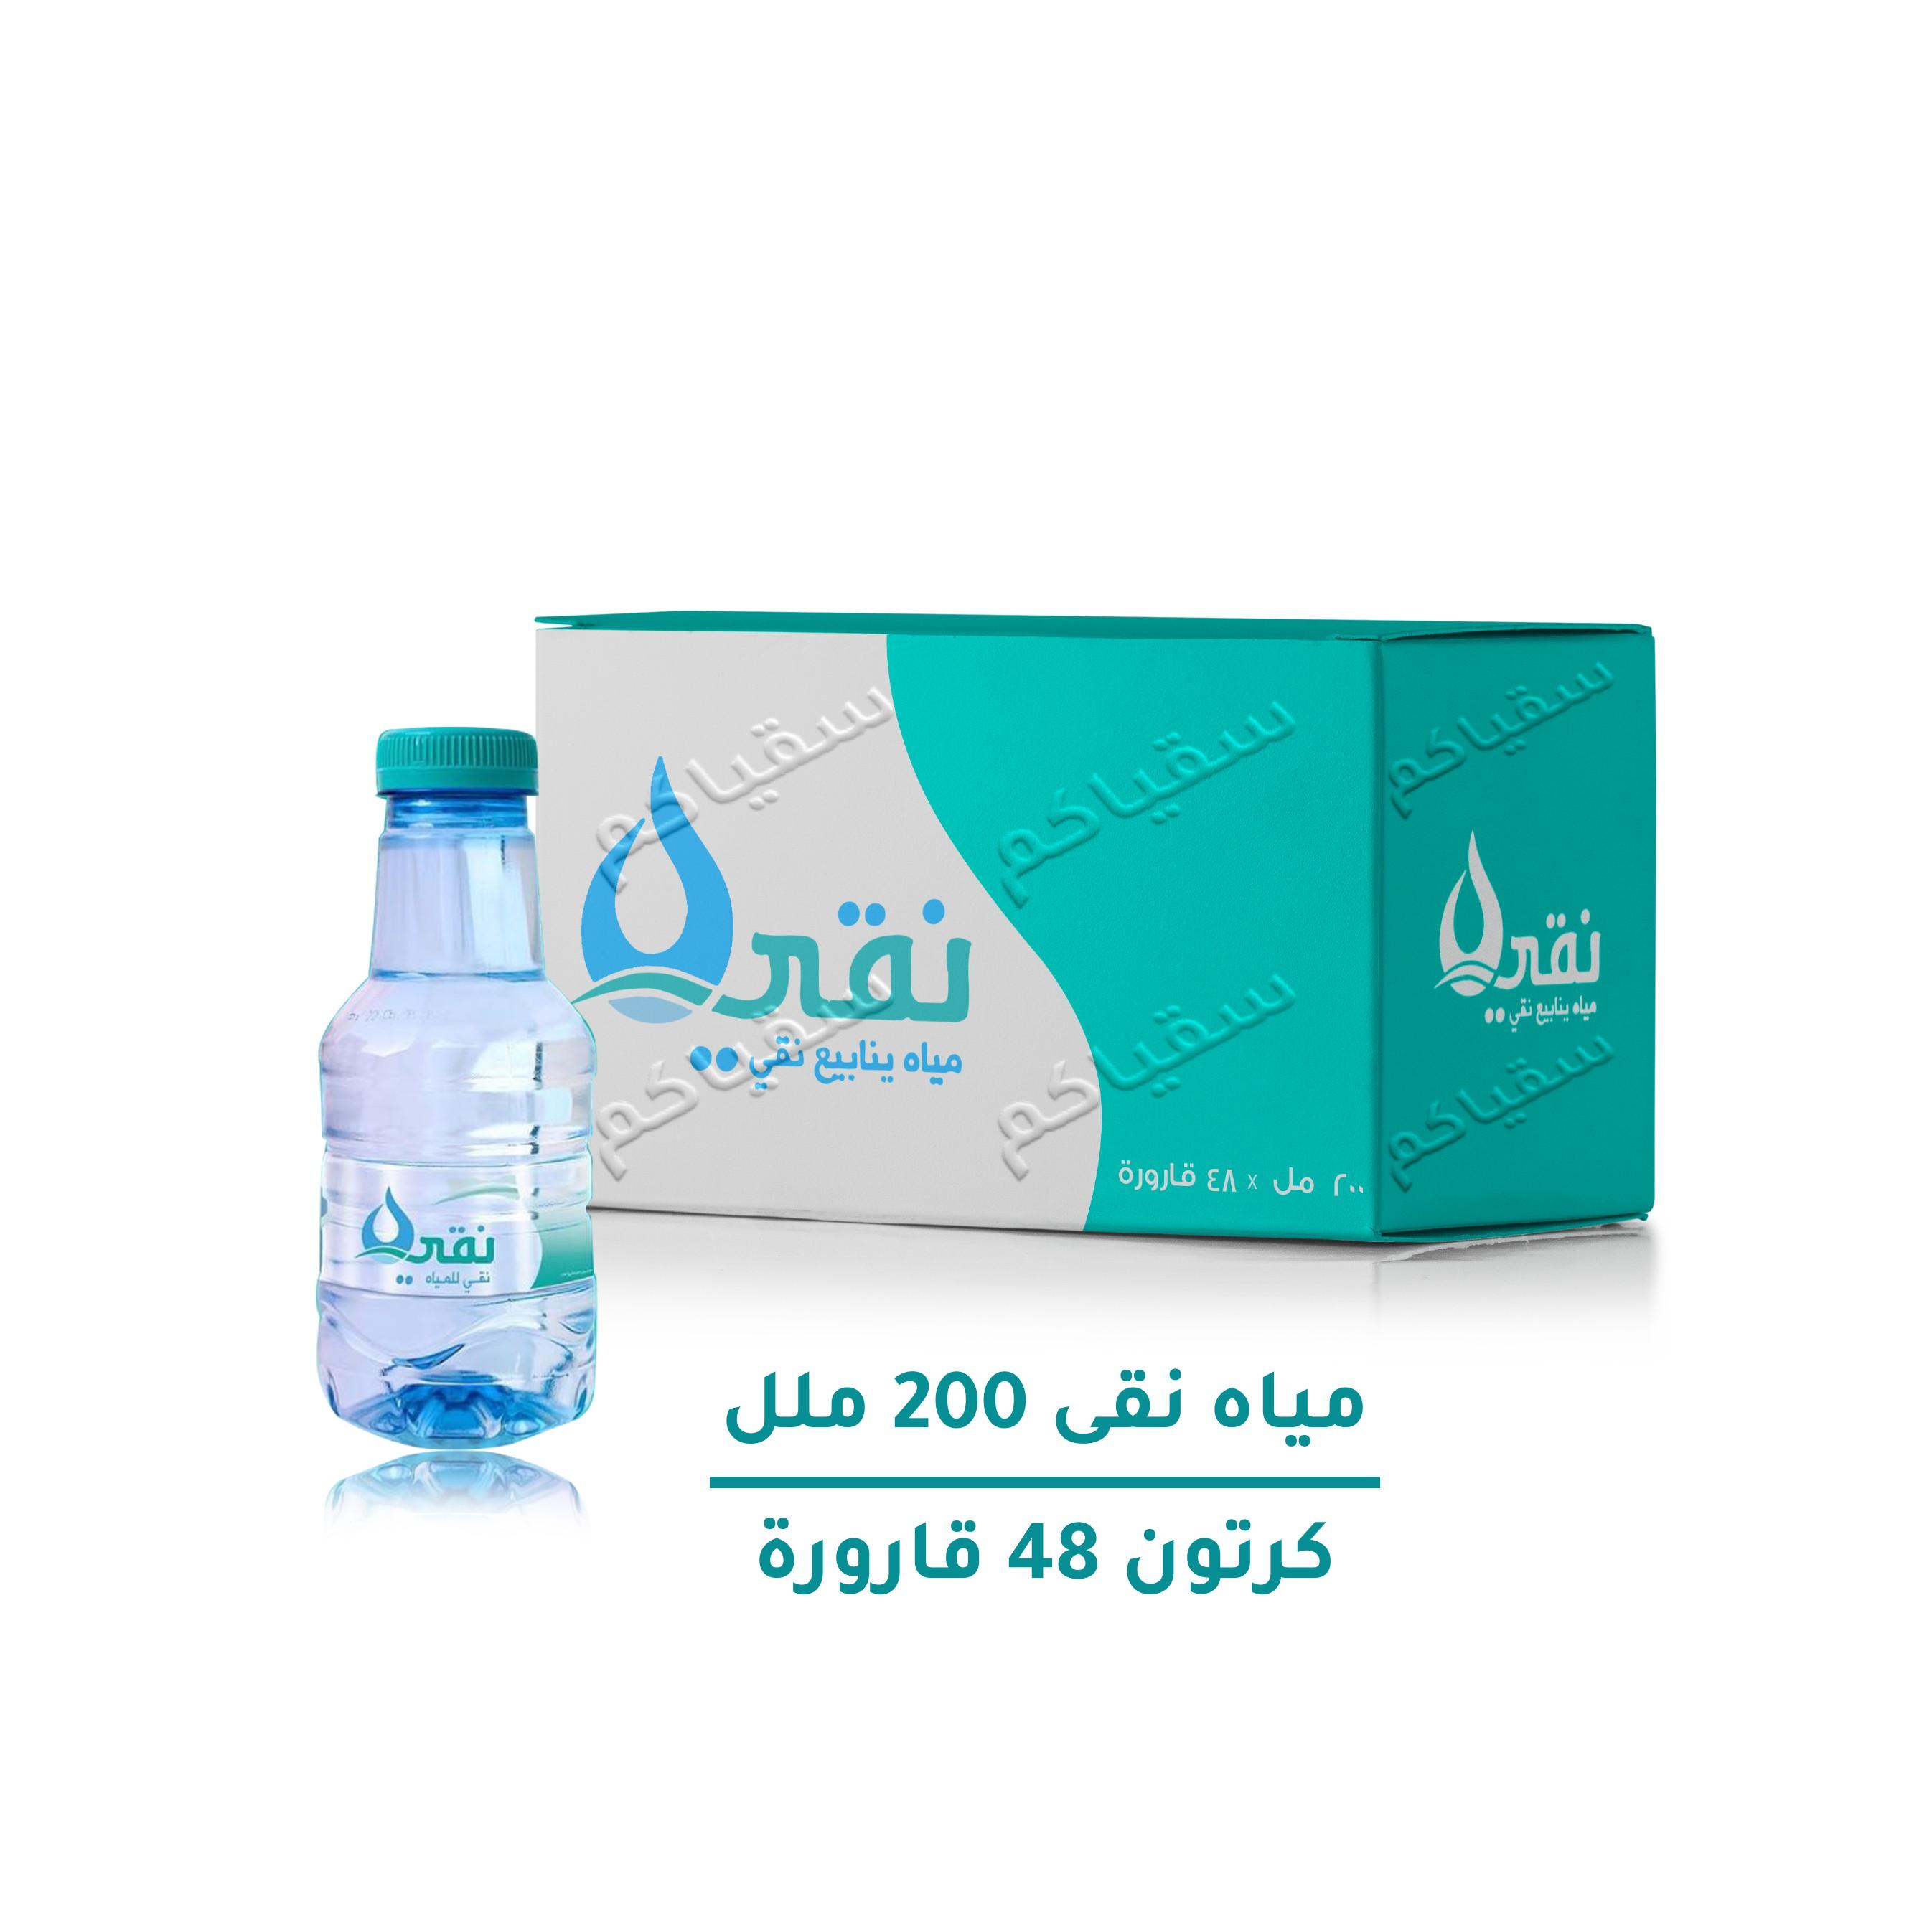 مياه نقي By Hamdi Alotaibi